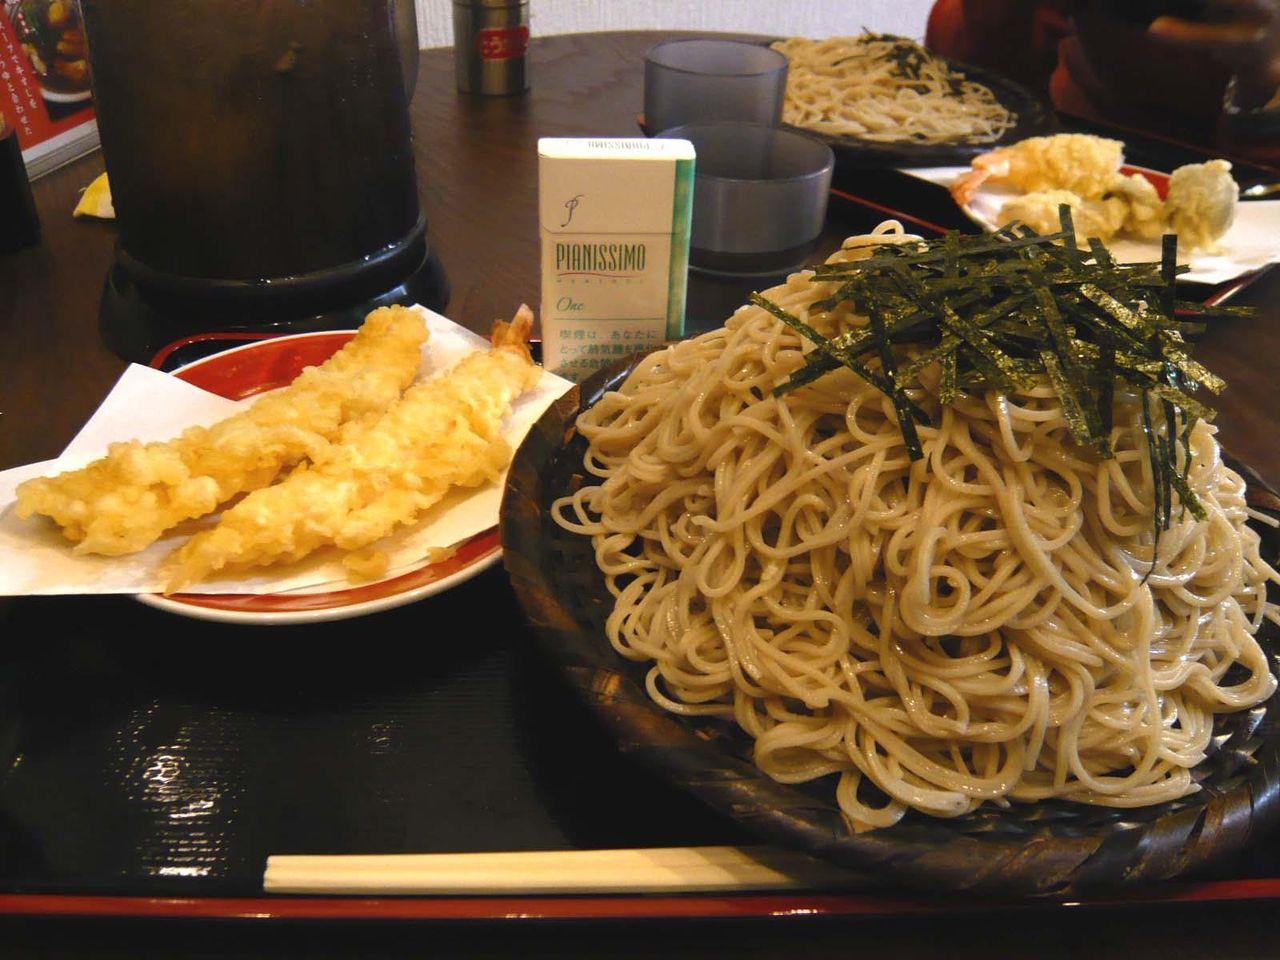 ざるそば大盛600円+天ぷら(海老、イカ)各100円